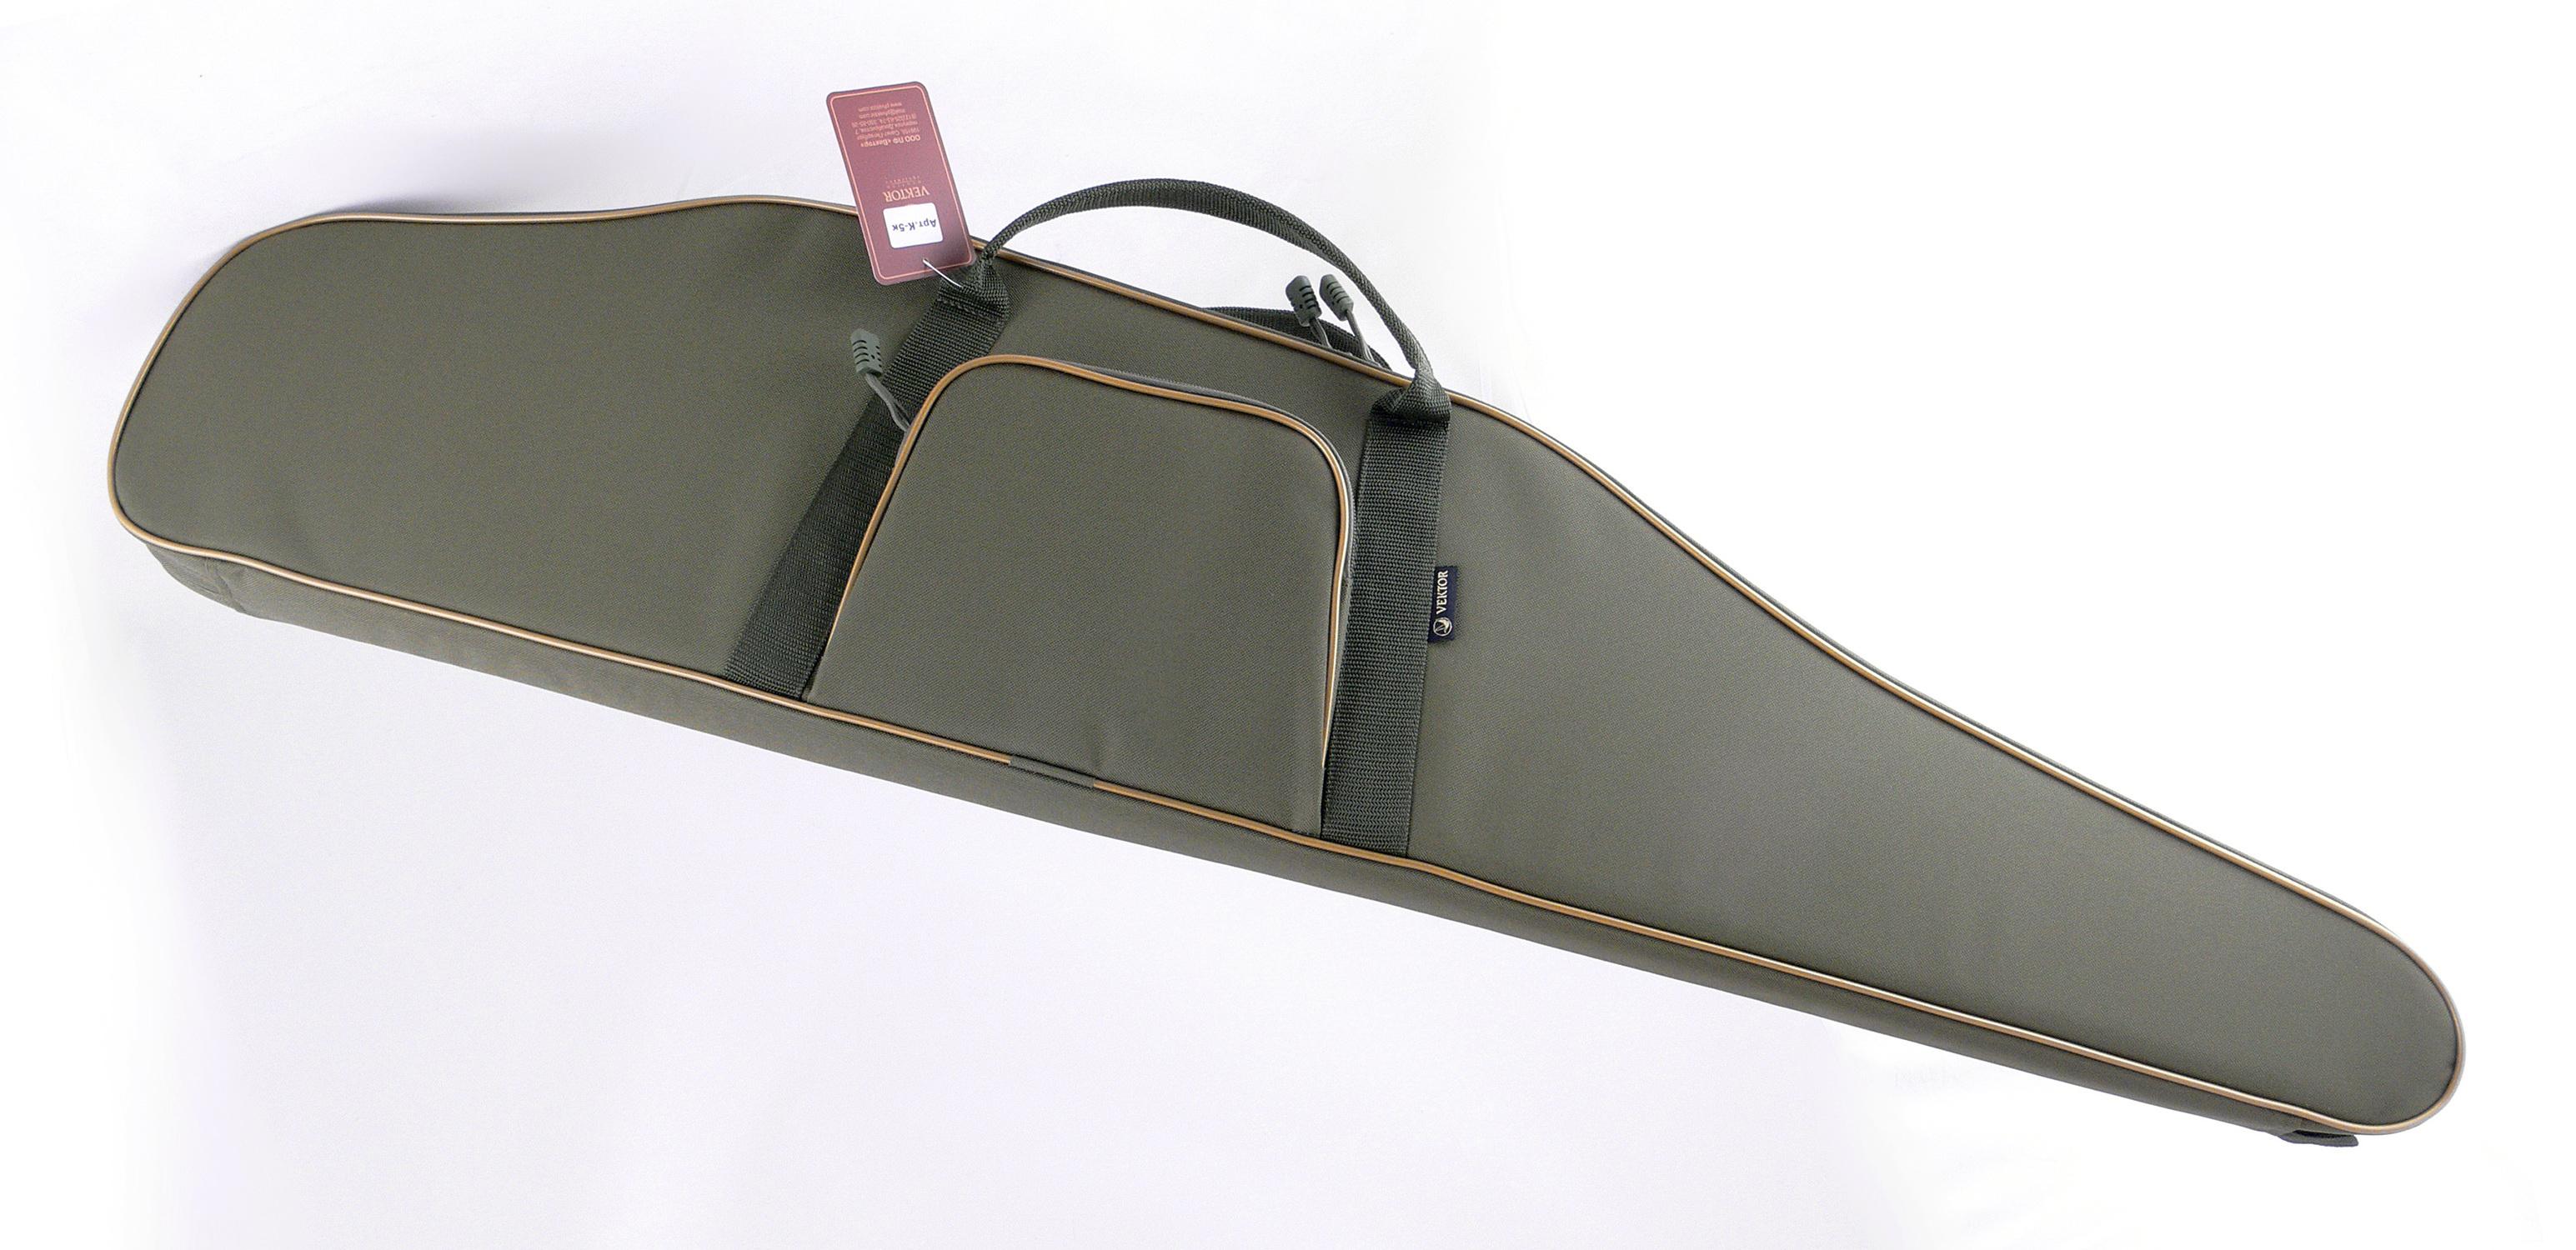 Чехол для винтовки Vektor, цвет: зеленый, с оптическим прицелом, длина 118 см. К-5к